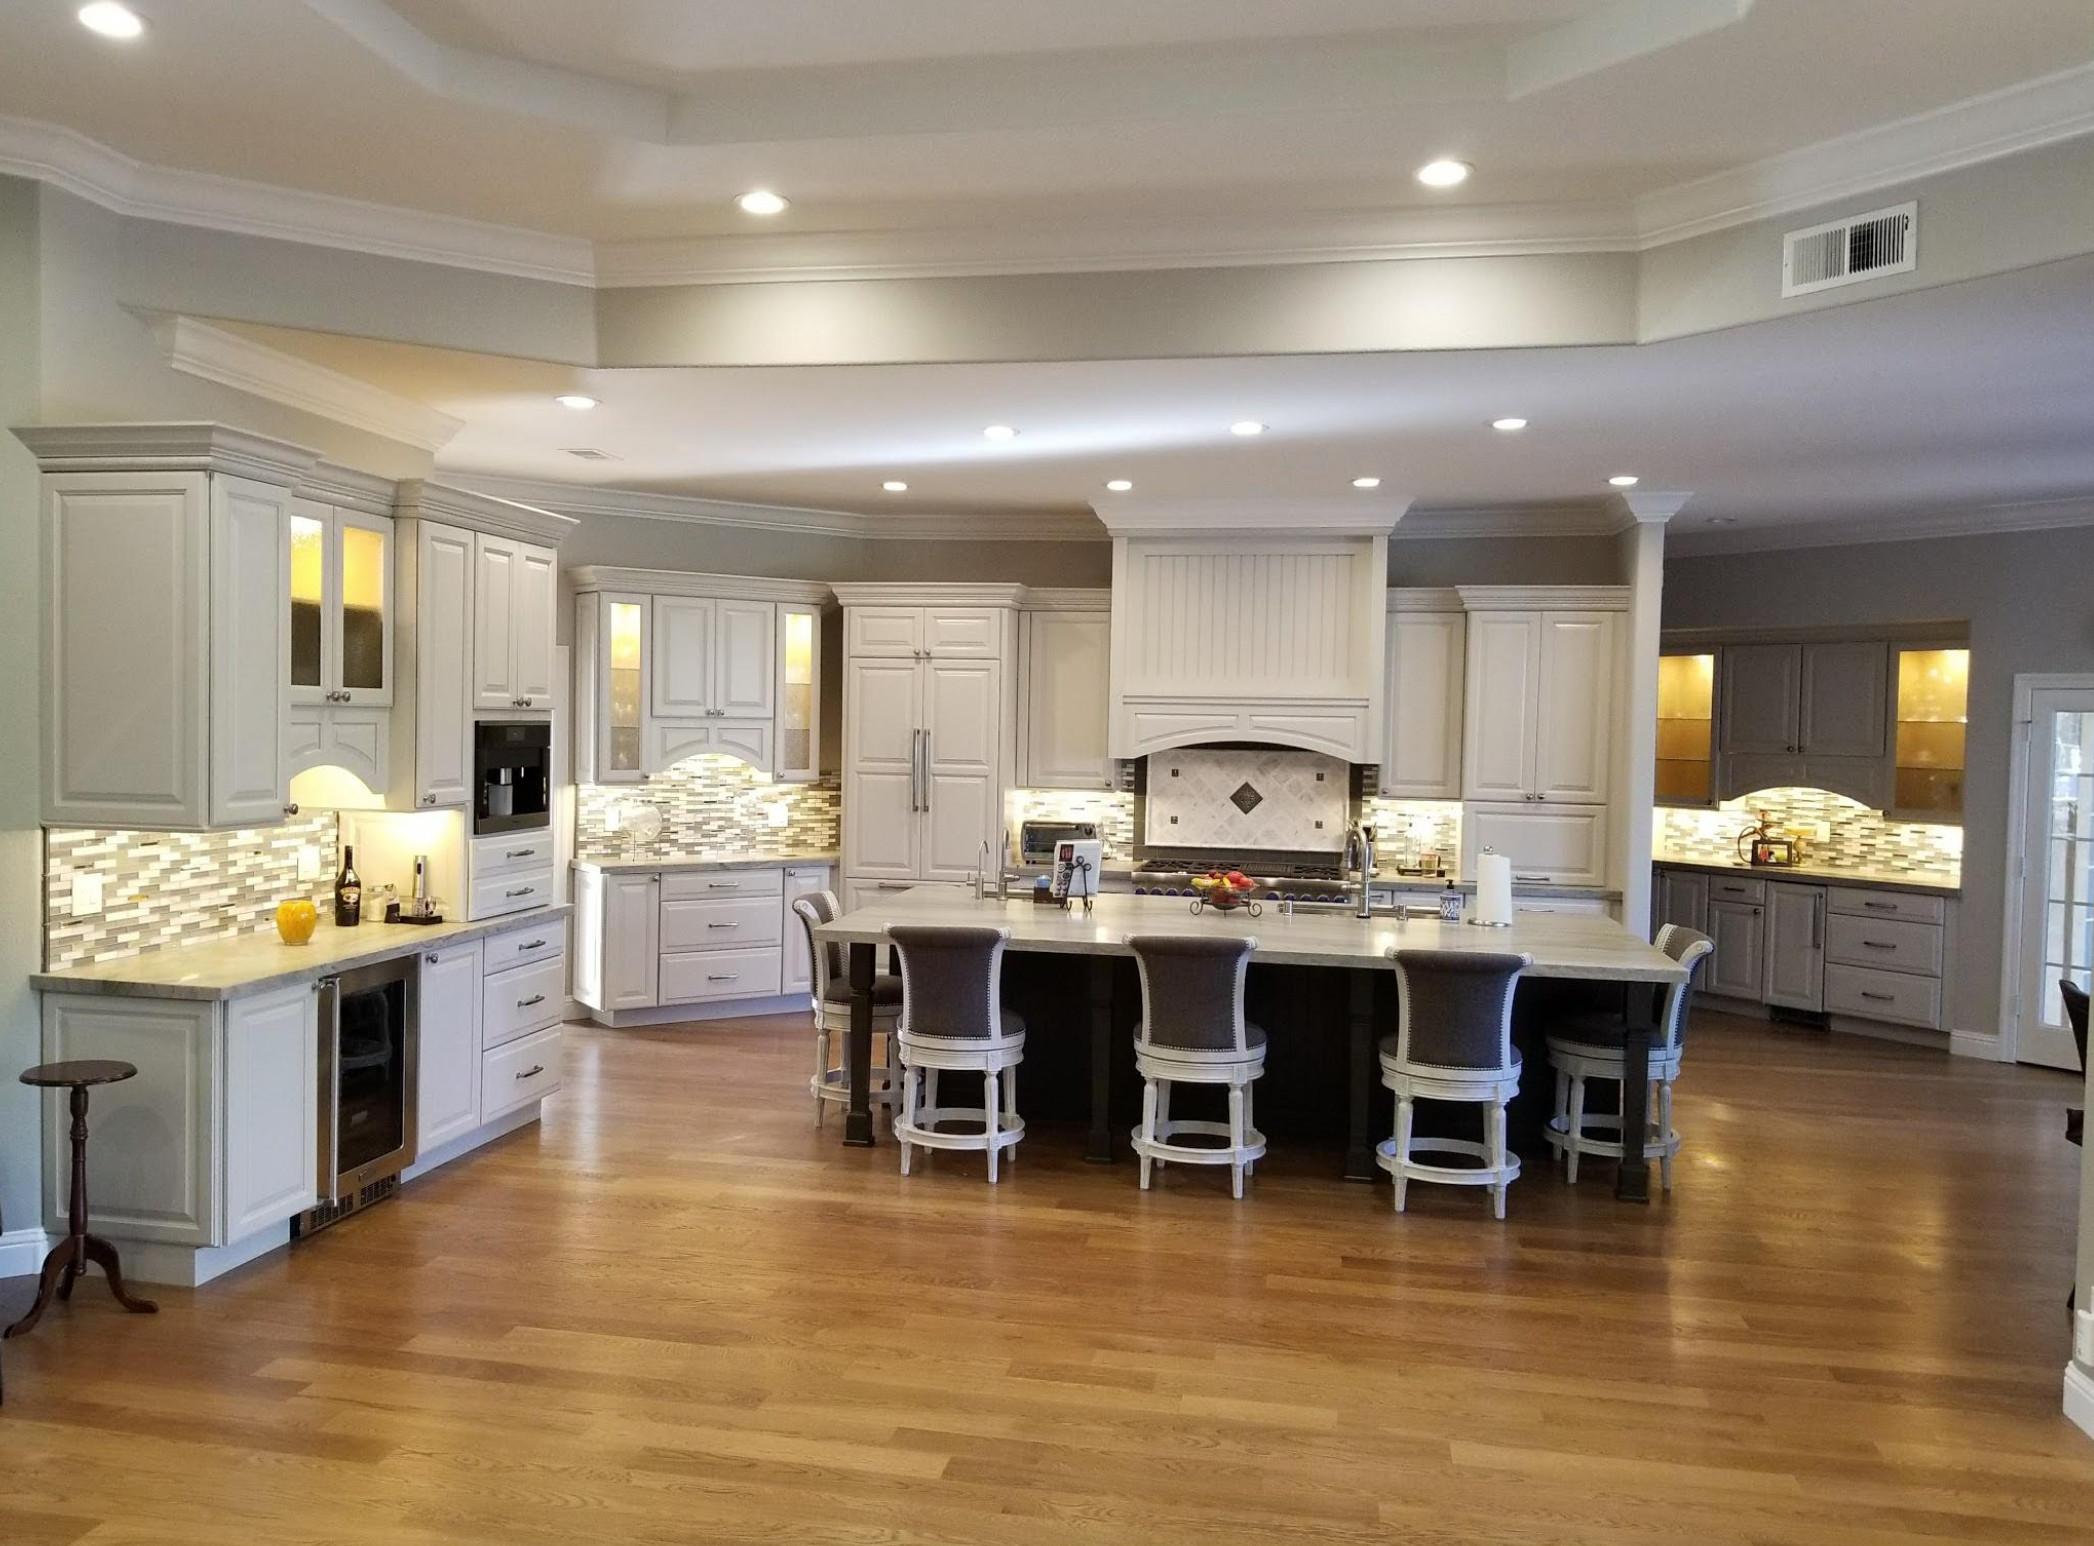 Kitchen - Open Concept